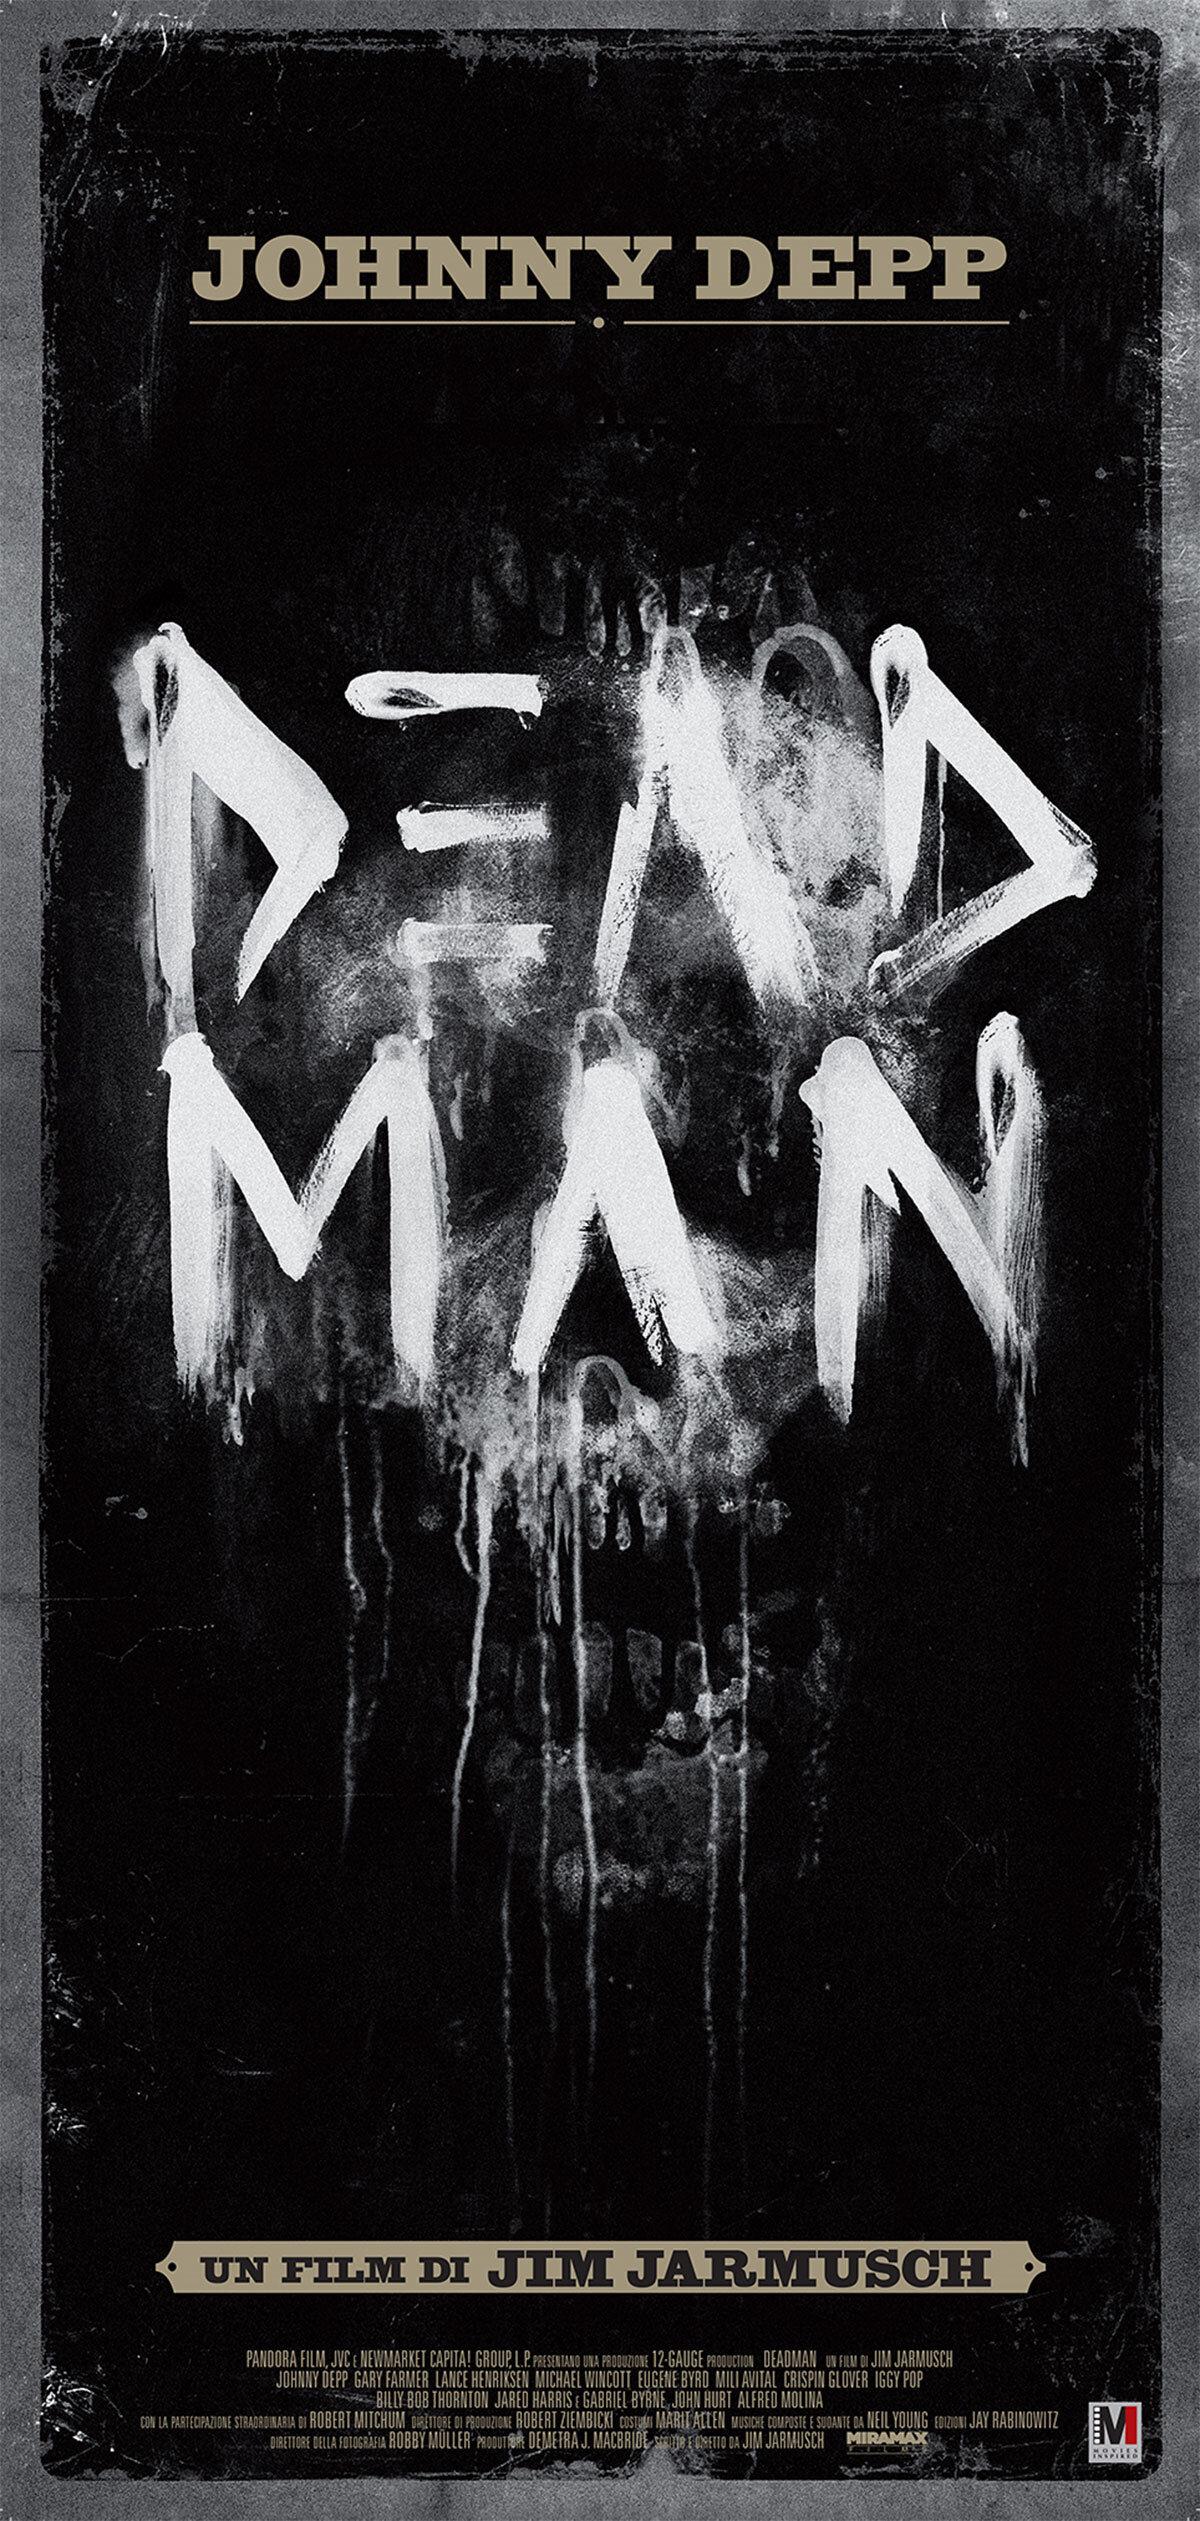 Francesco Mattina poster Dead Man